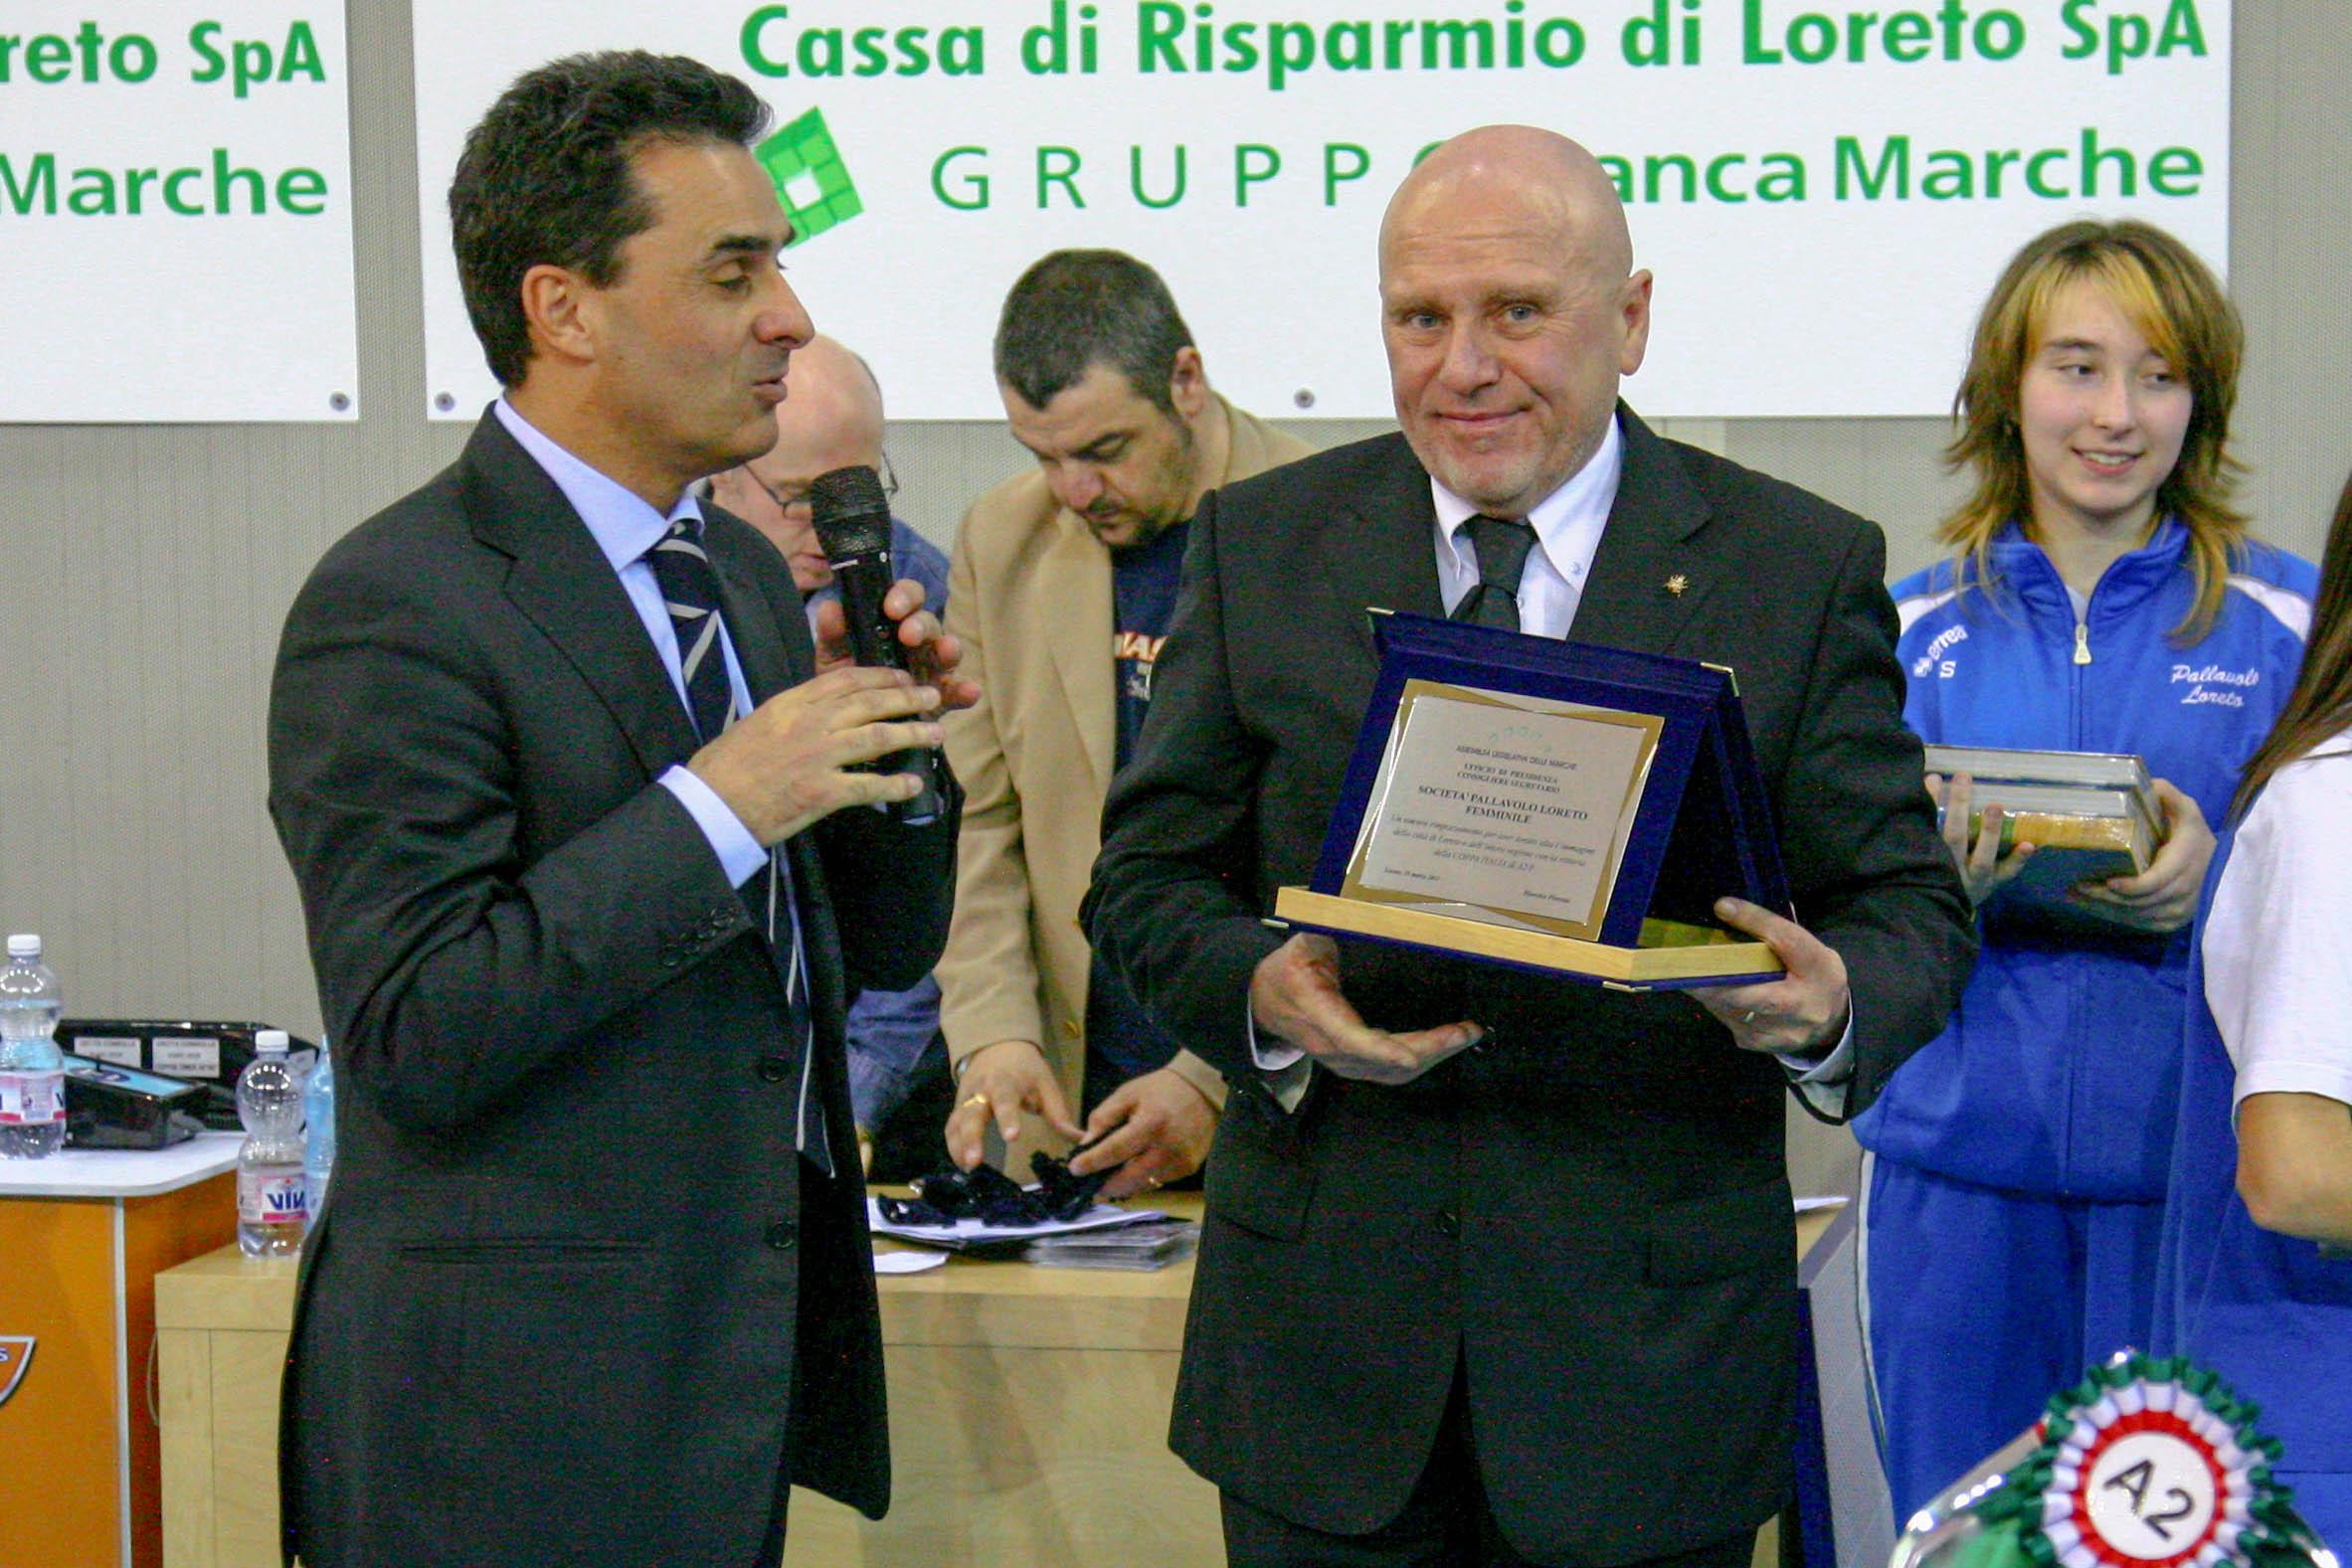 Sandro Picchio